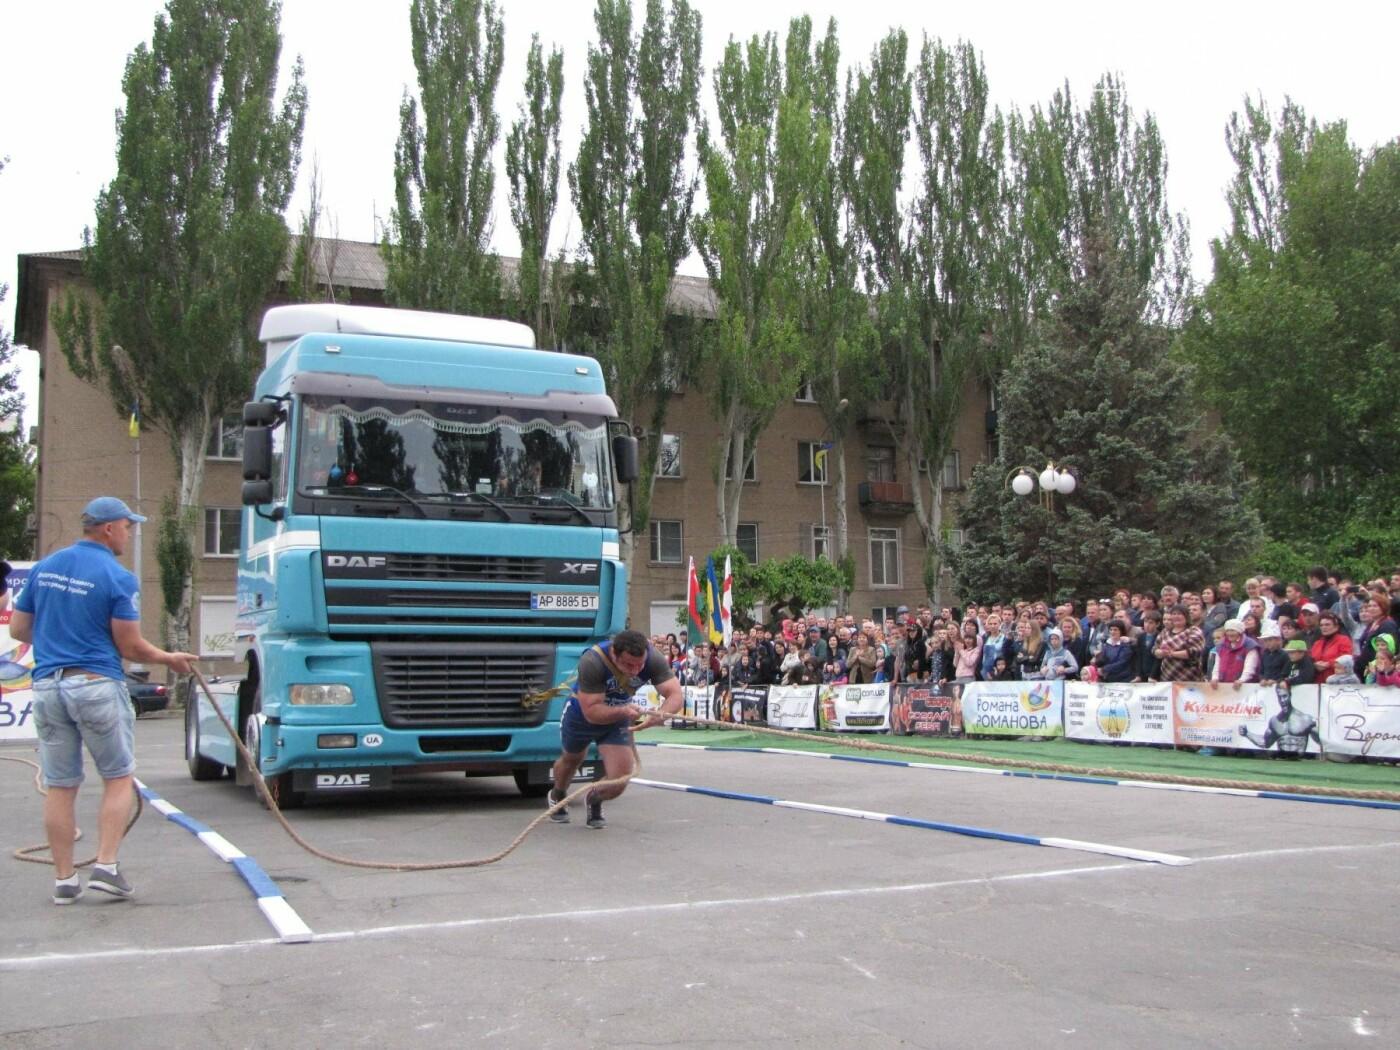 Три победы за неделю: мелитопольский богатырь выиграл второй этап международного чемпионата, фото-27